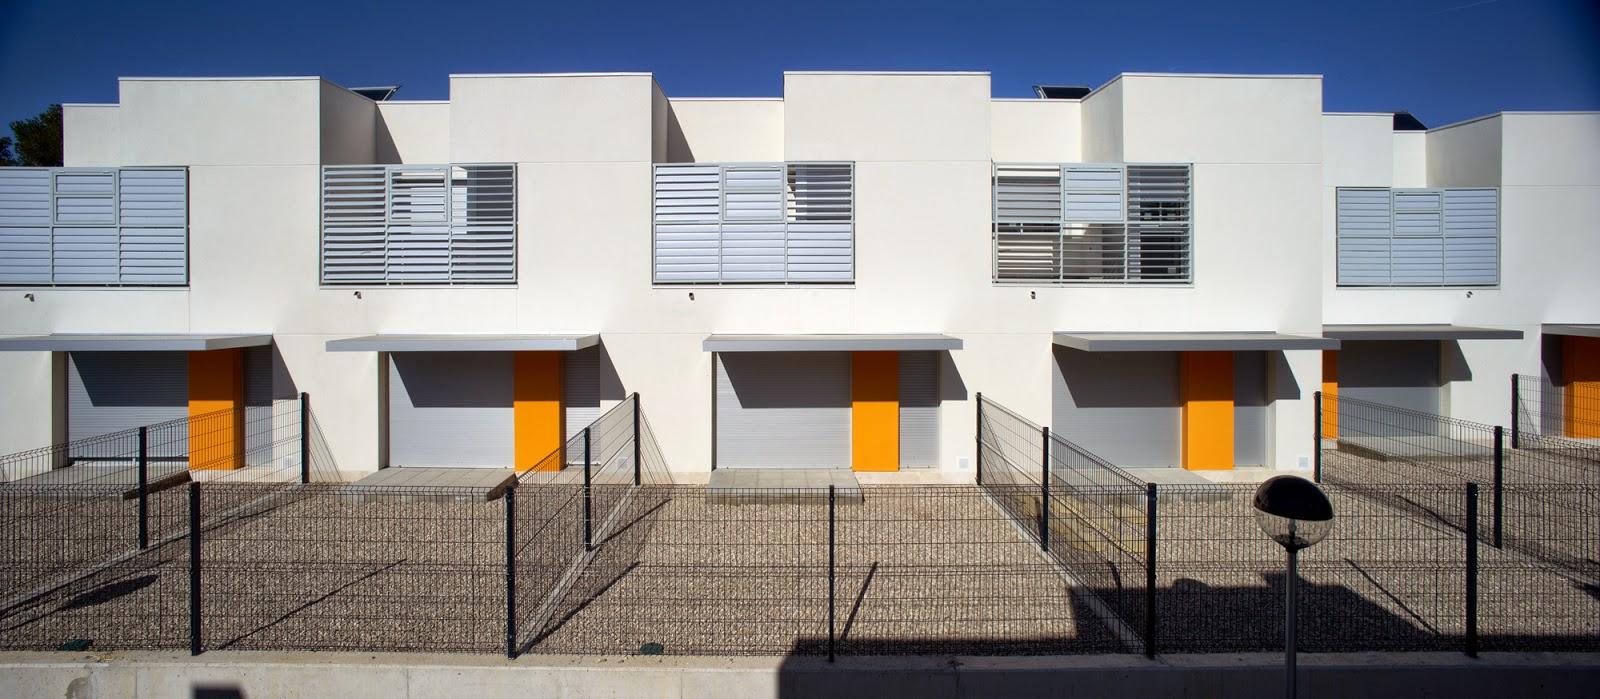 Aguilera guerrero agua arquitectura proyecto for Arquitectura espanola